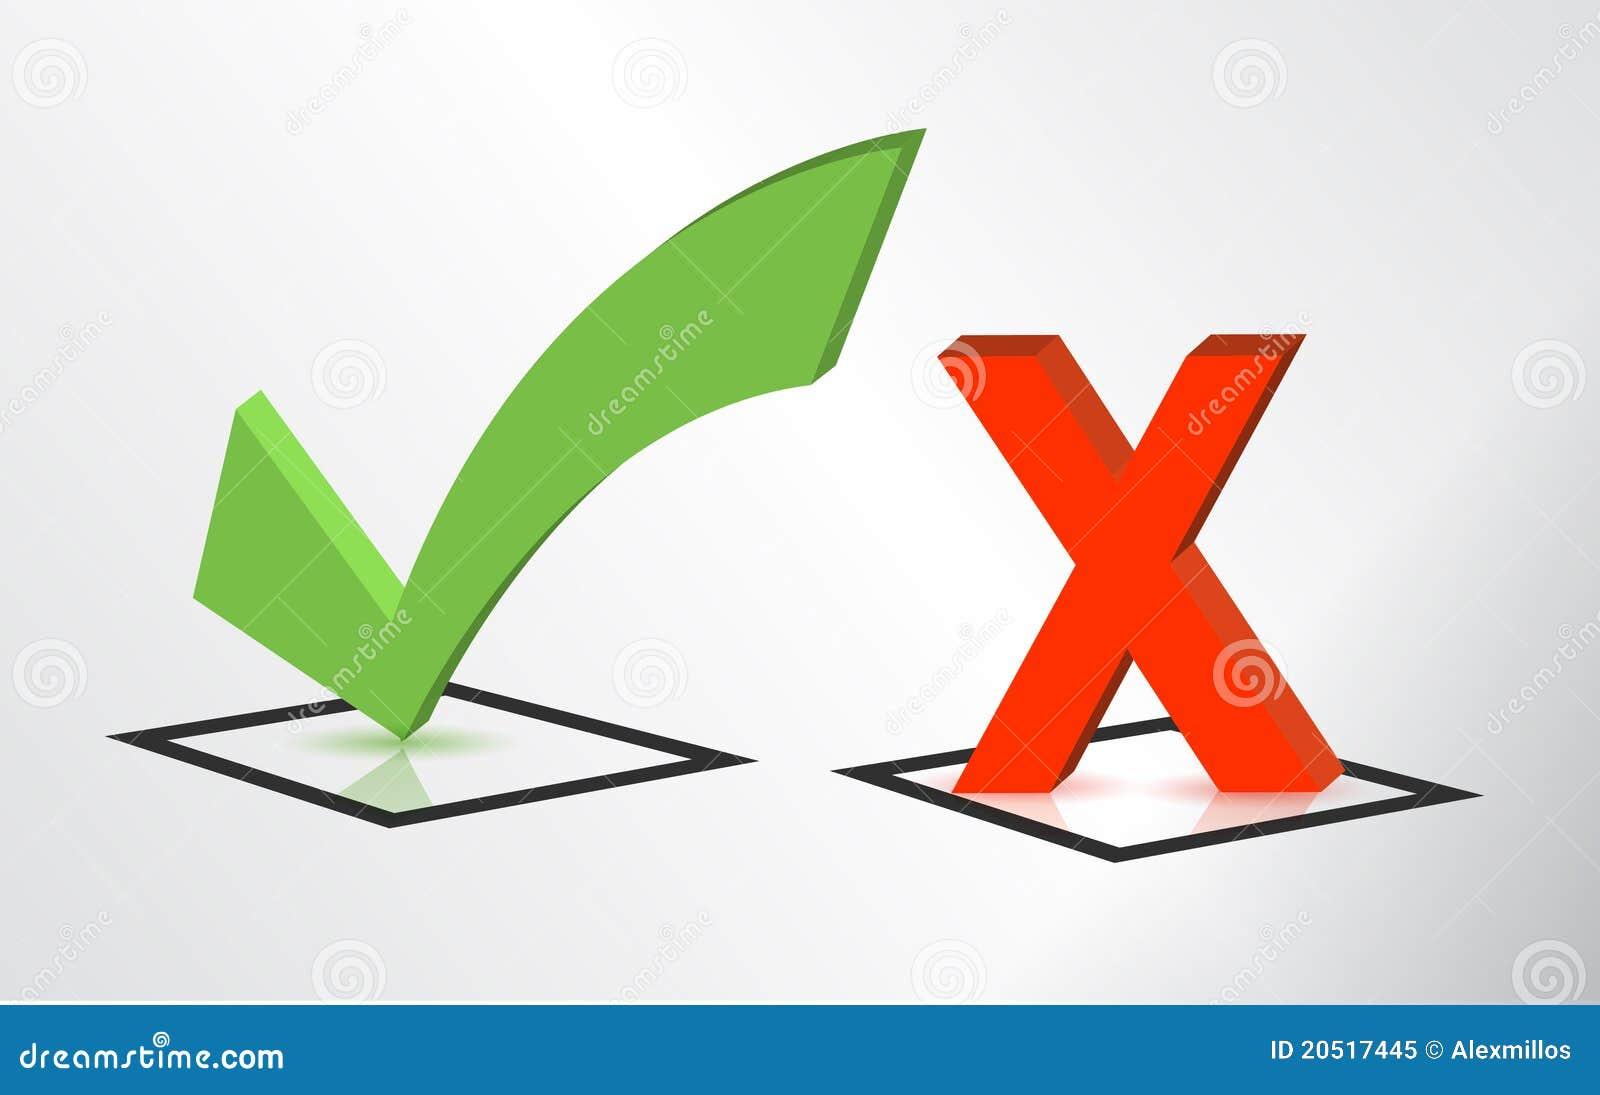 接受检查拒绝标记符号x